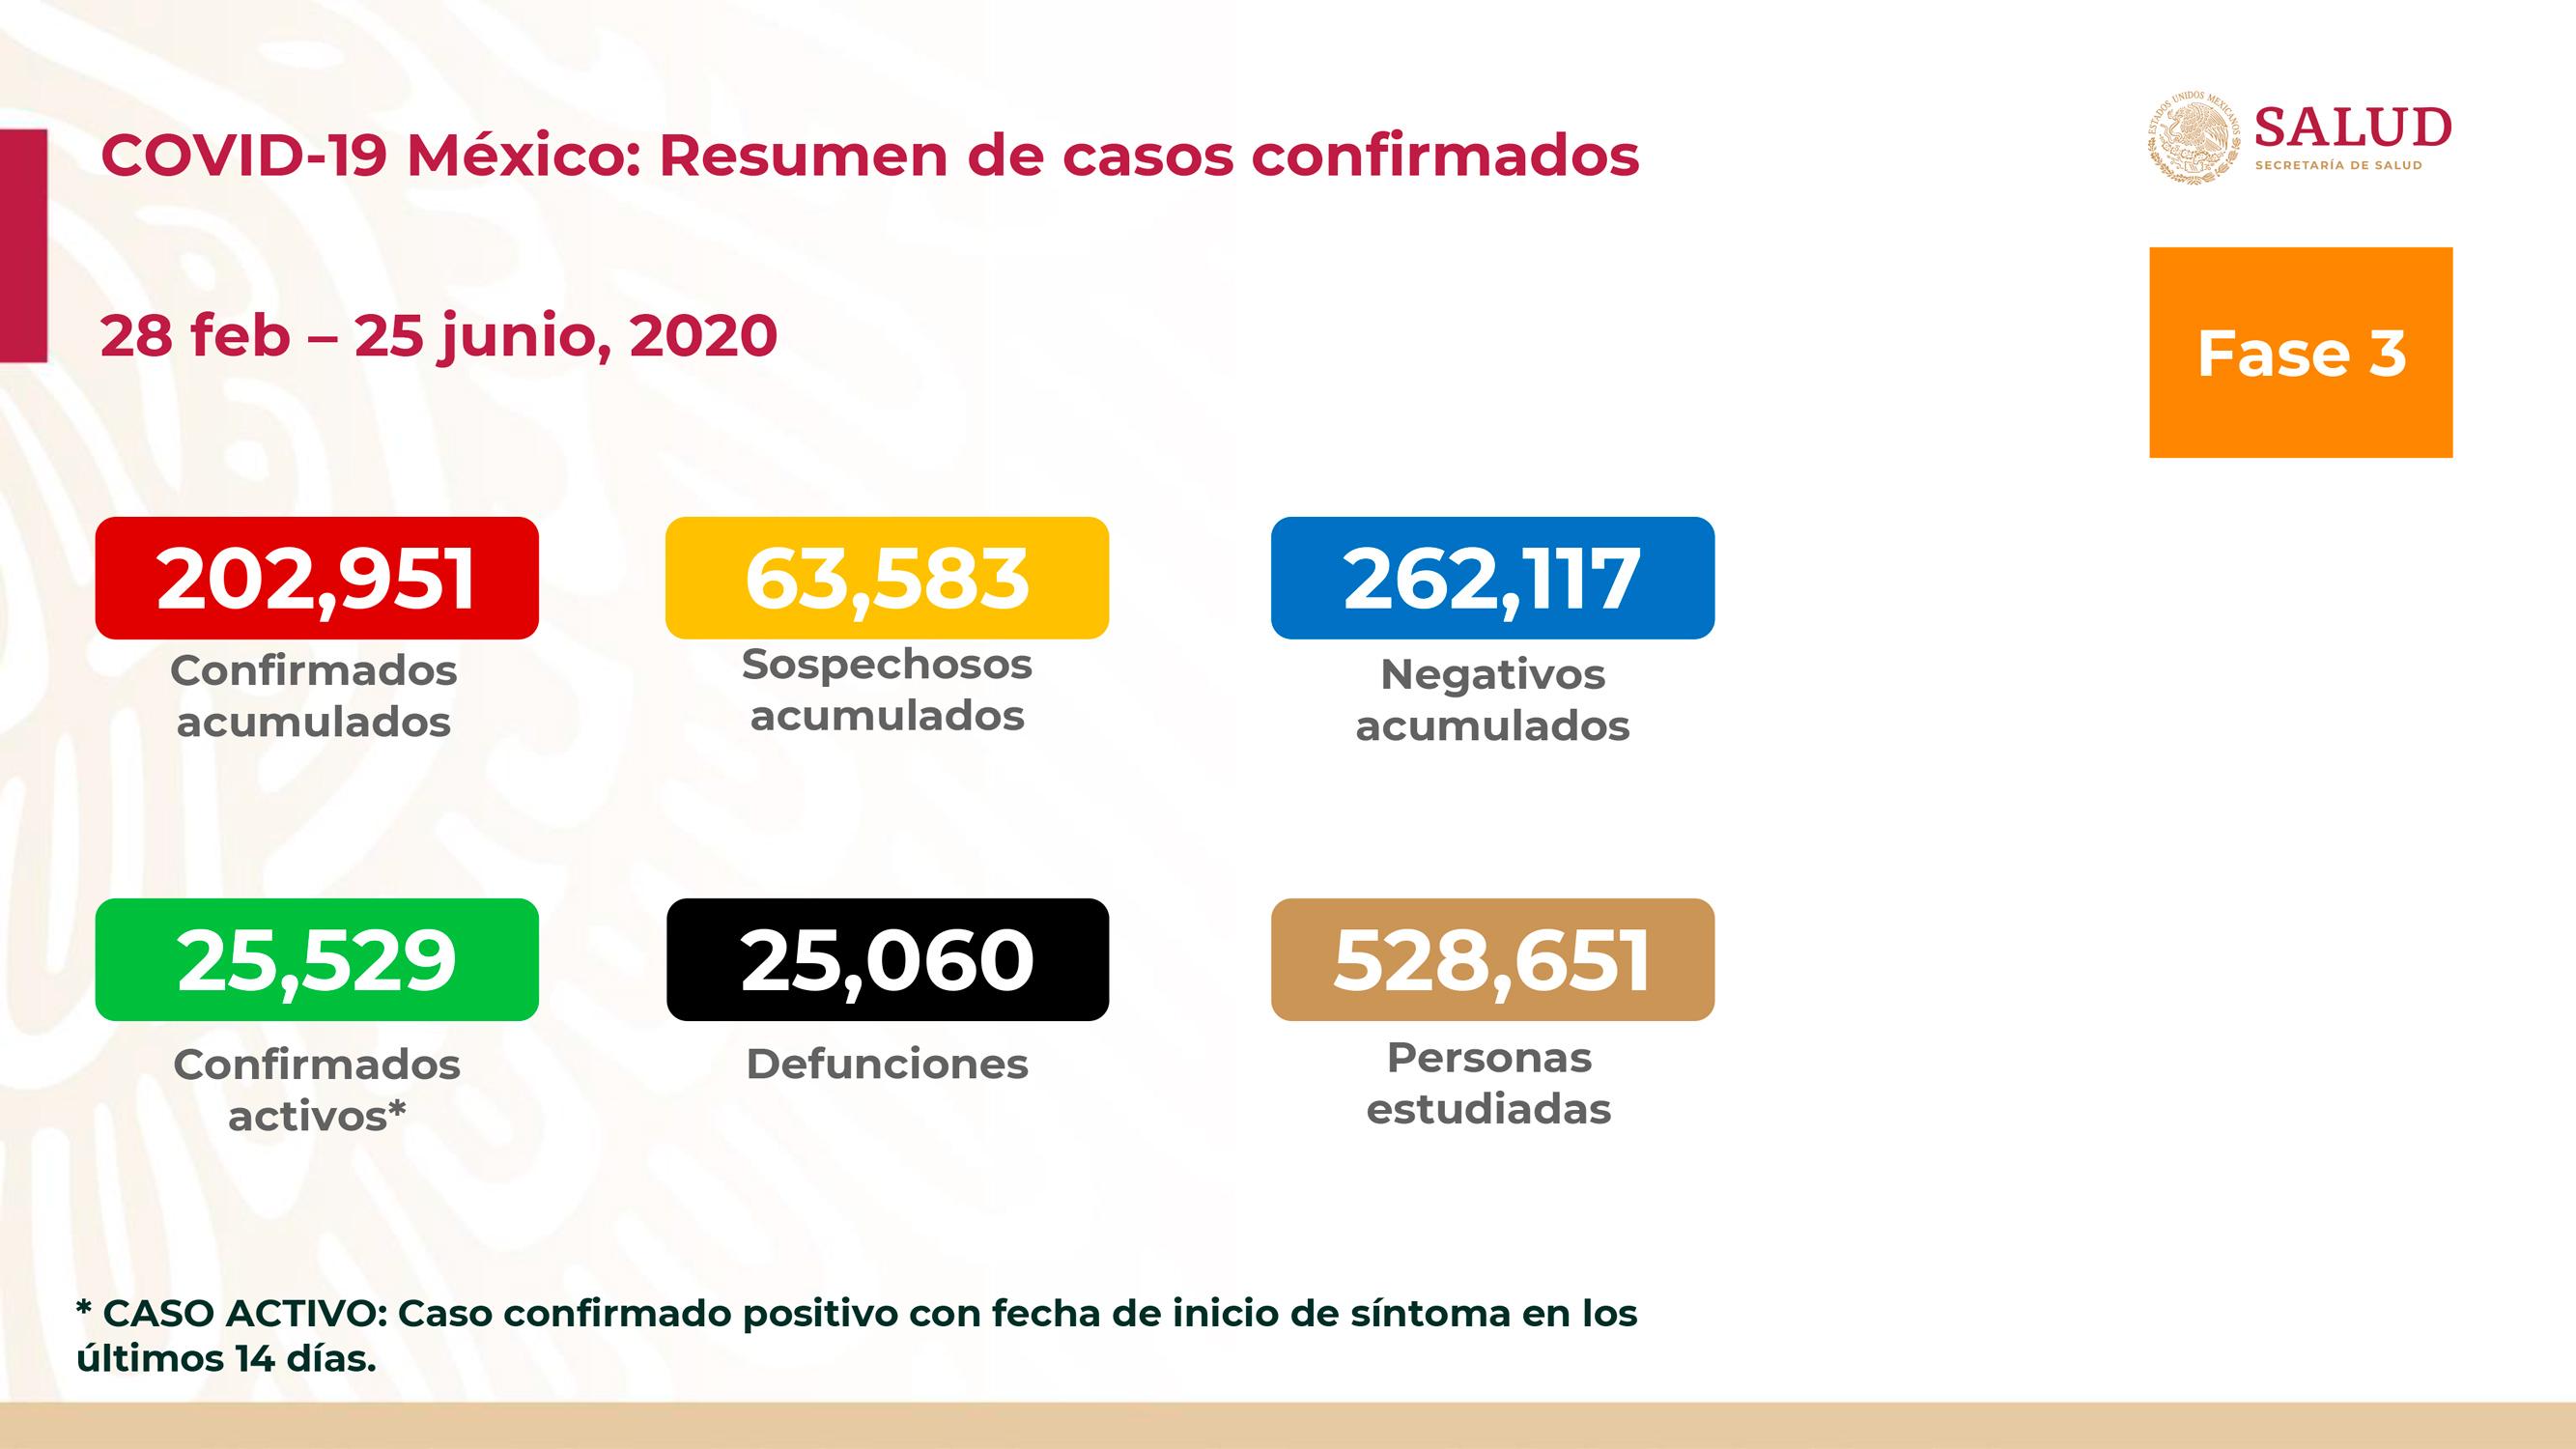 MÉXICO SUPERA LAS 25 MIL DEFUNCIONES POR COVID-19